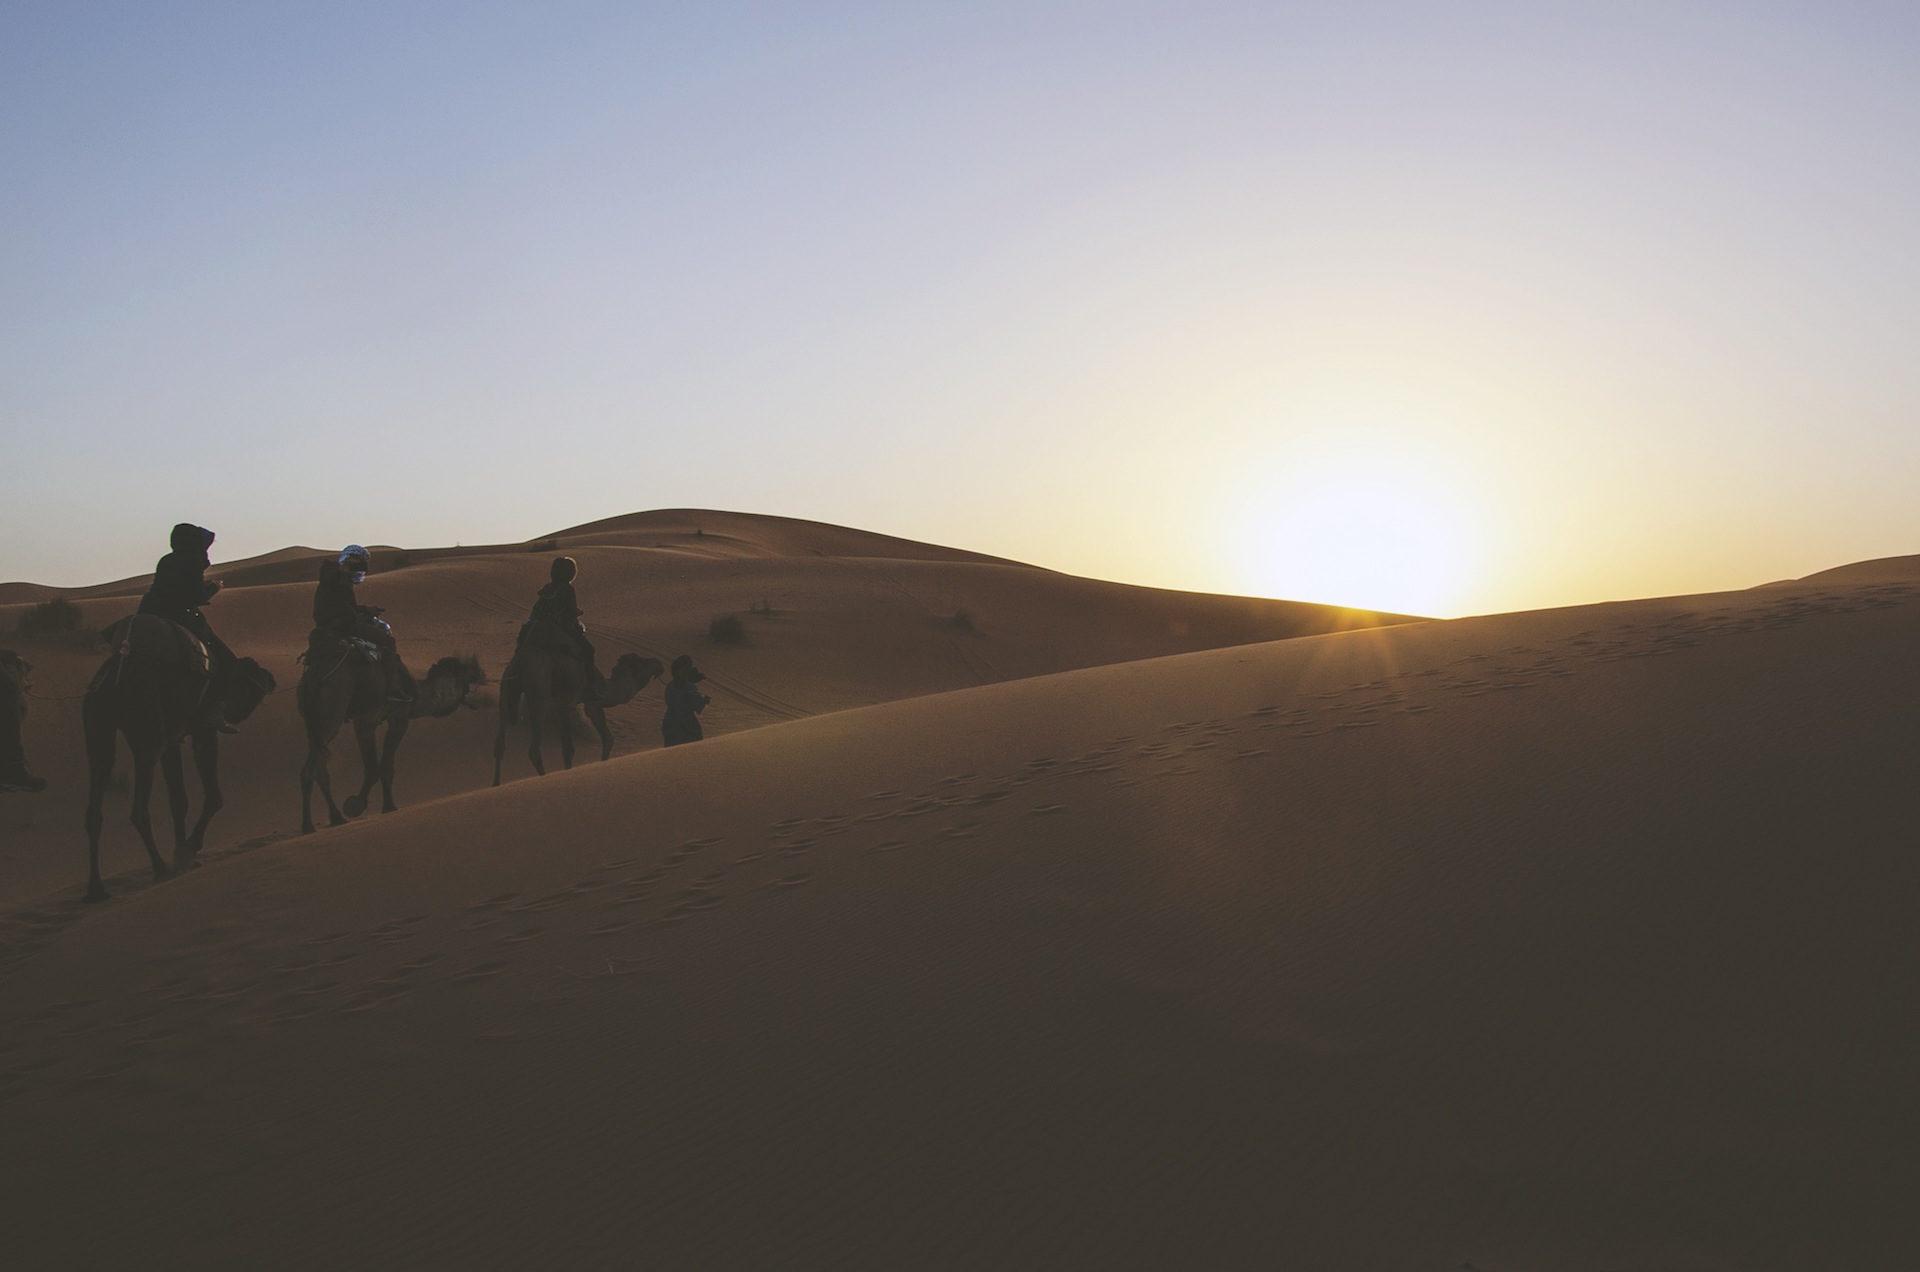 रेगिस्तान, ऊंट, रेत, नक्शेकदम, ,सूर्य - HD वॉलपेपर - प्रोफेसर-falken.com